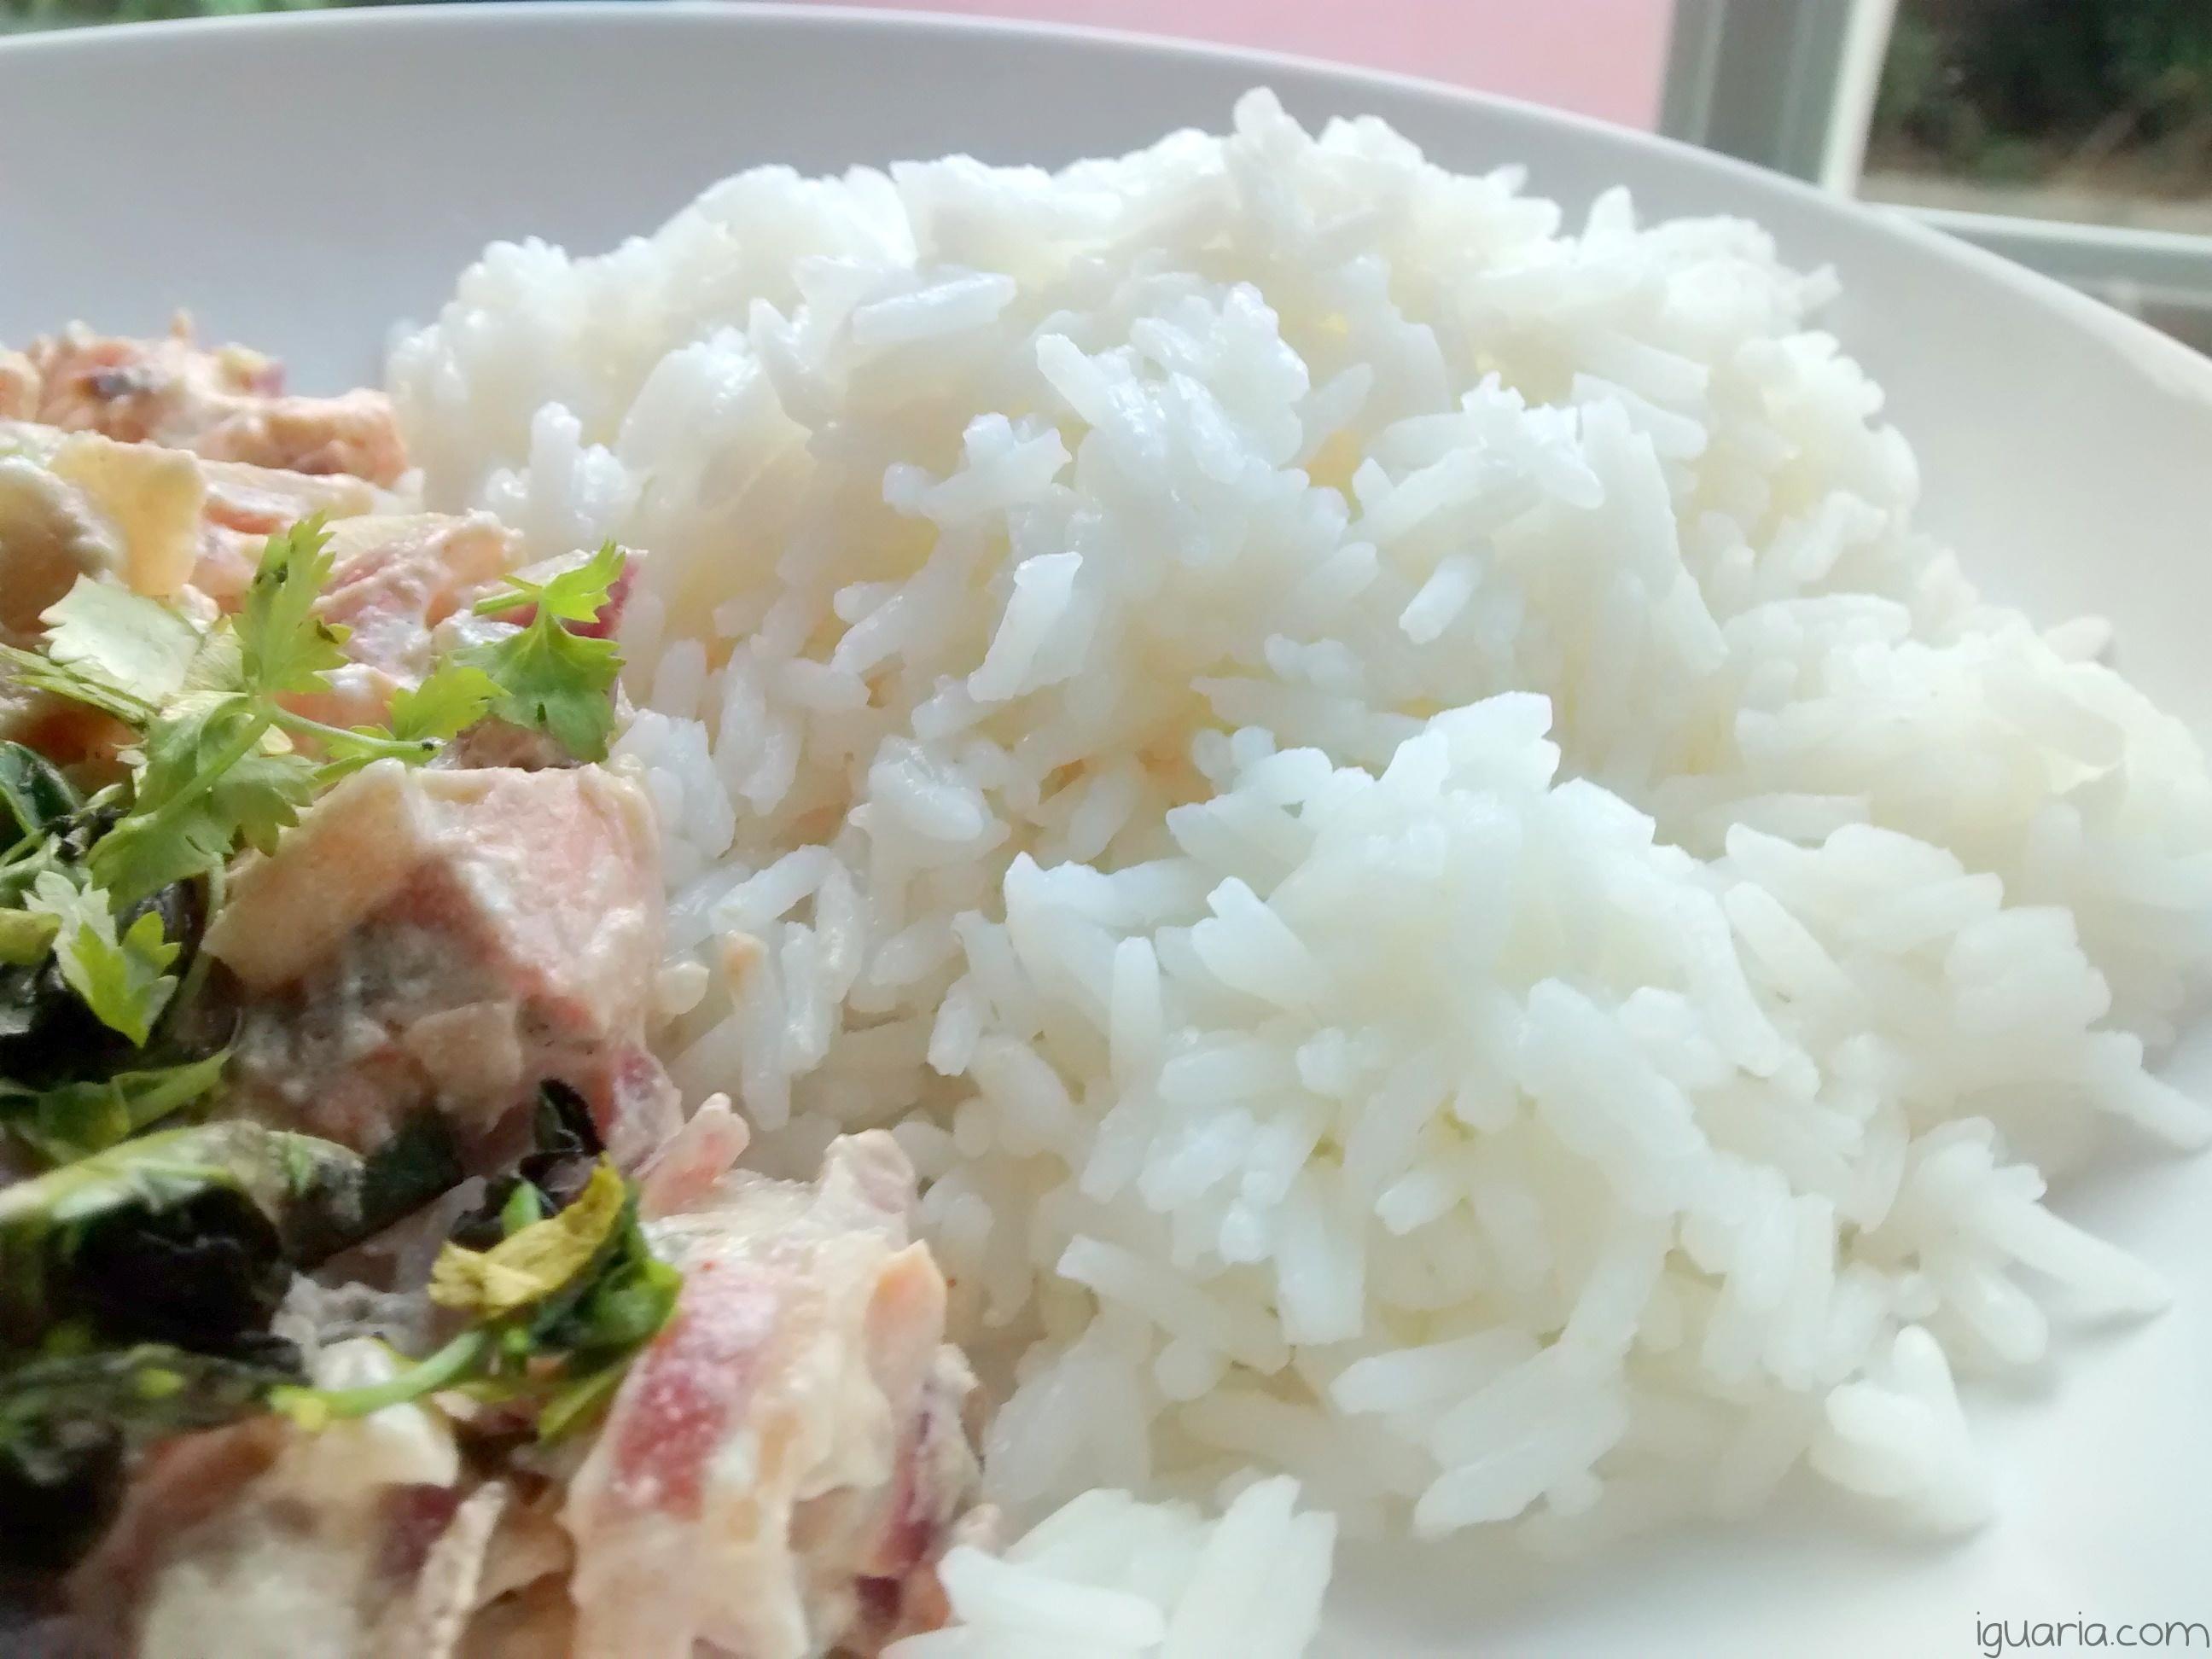 iguaria-creme-de-salmao-com-arroz